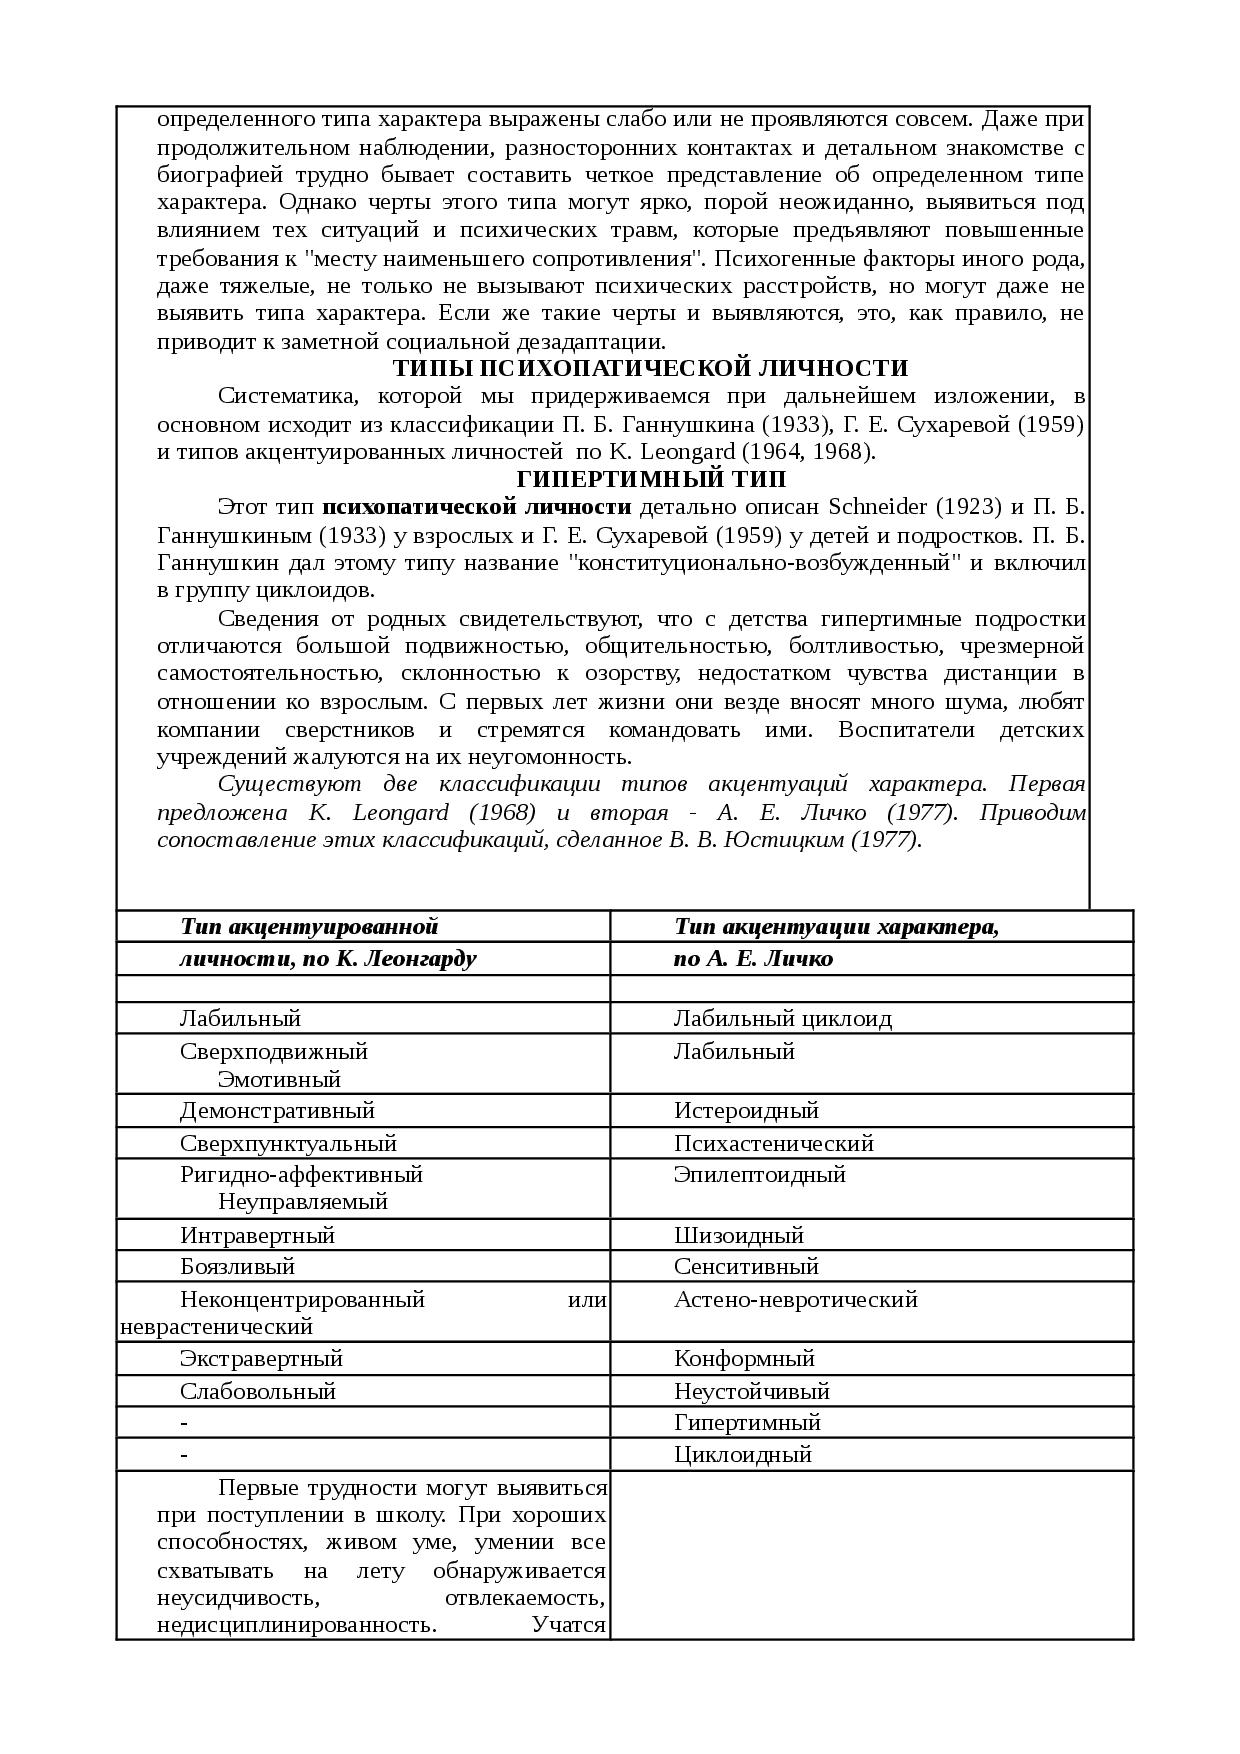 Истероидный тип личности: особенности и варианты коррекции поведения